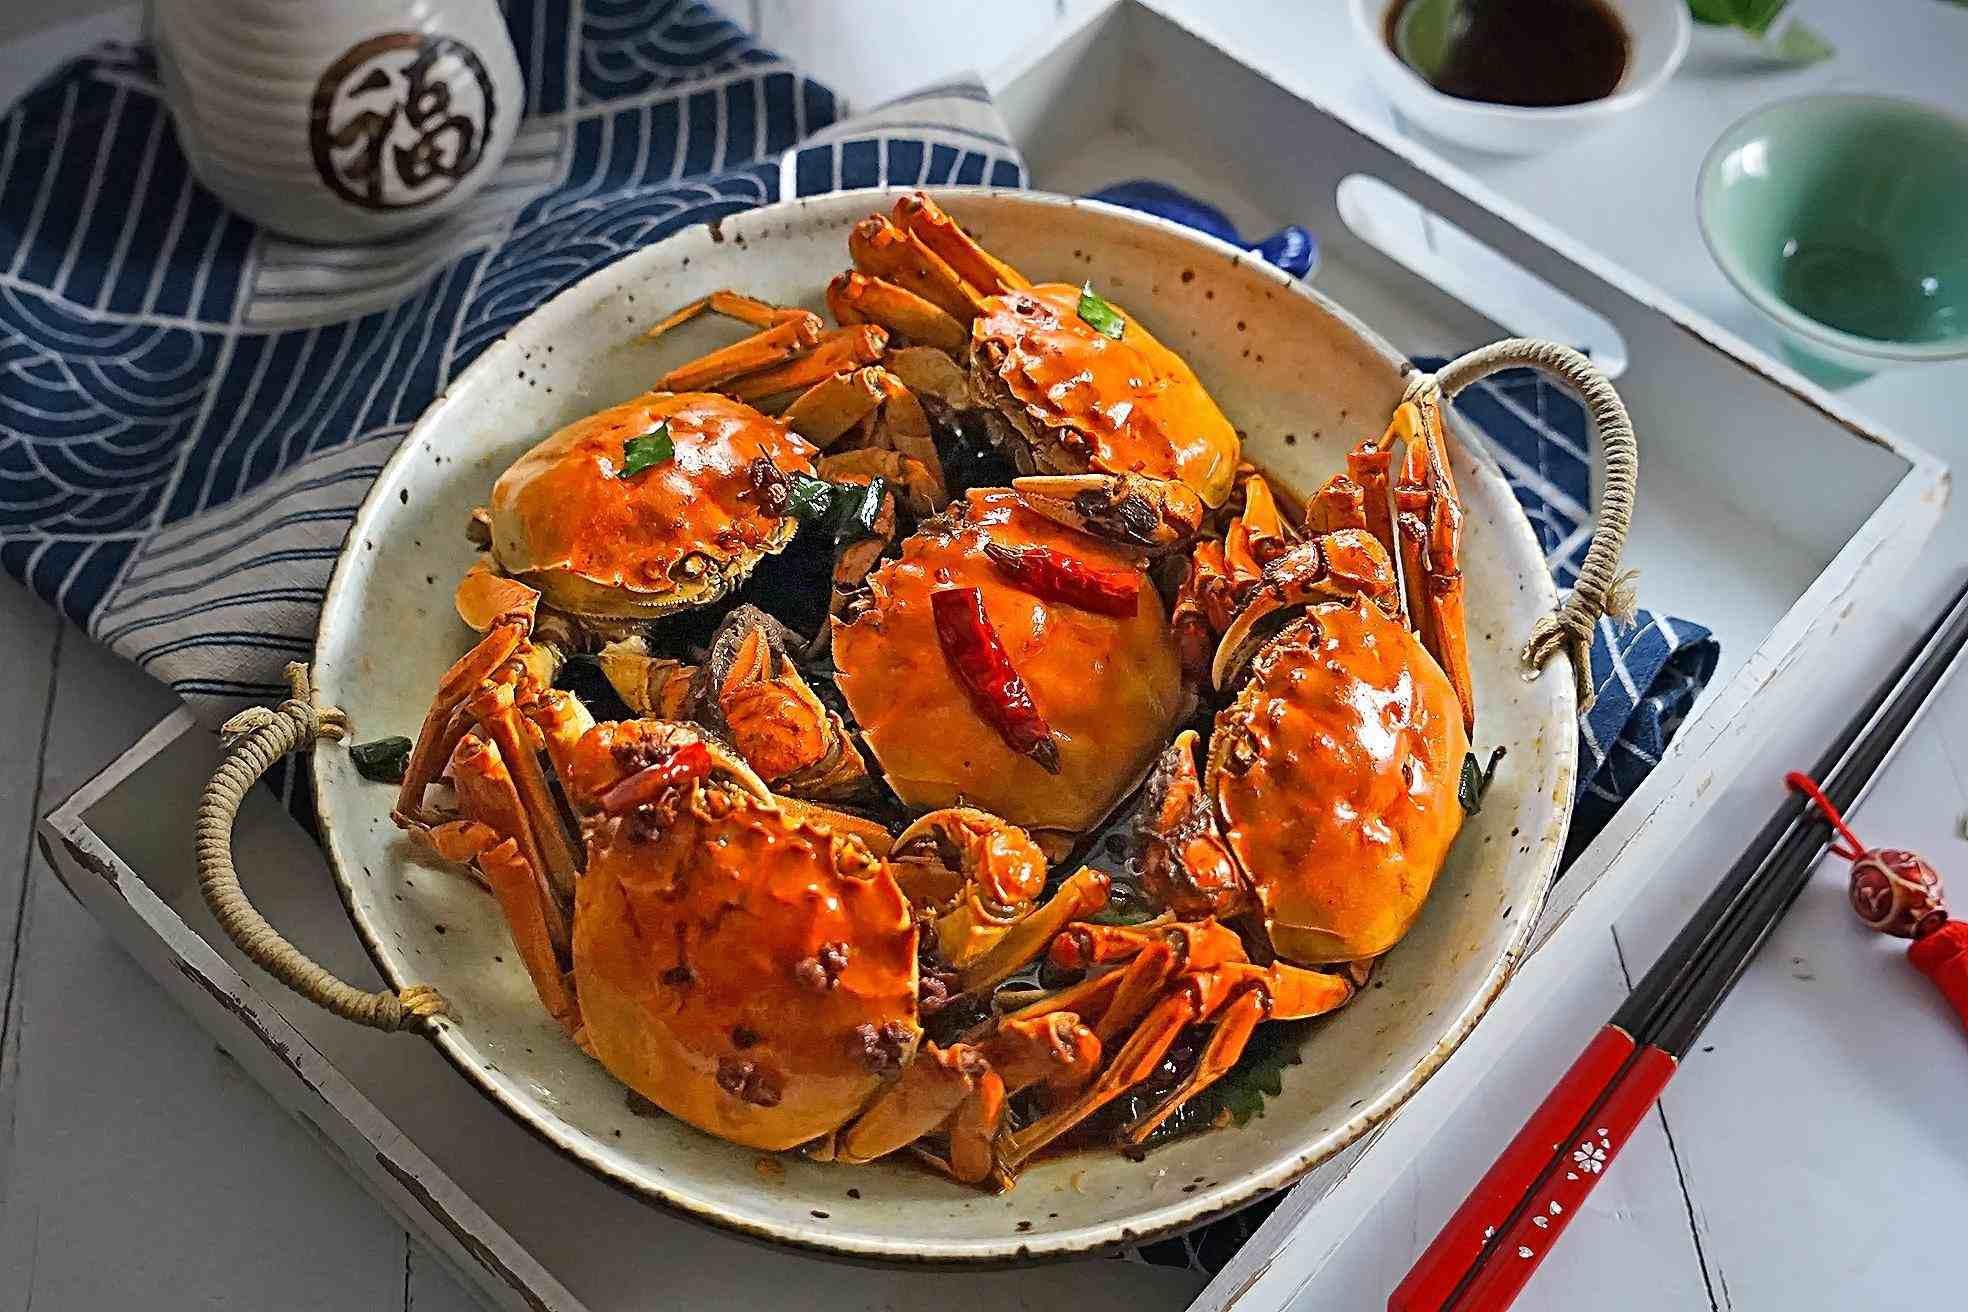 孕妇吃螃蟹肚子痛怎么办,孕妇吃螃蟹会肚子疼吗  第1张